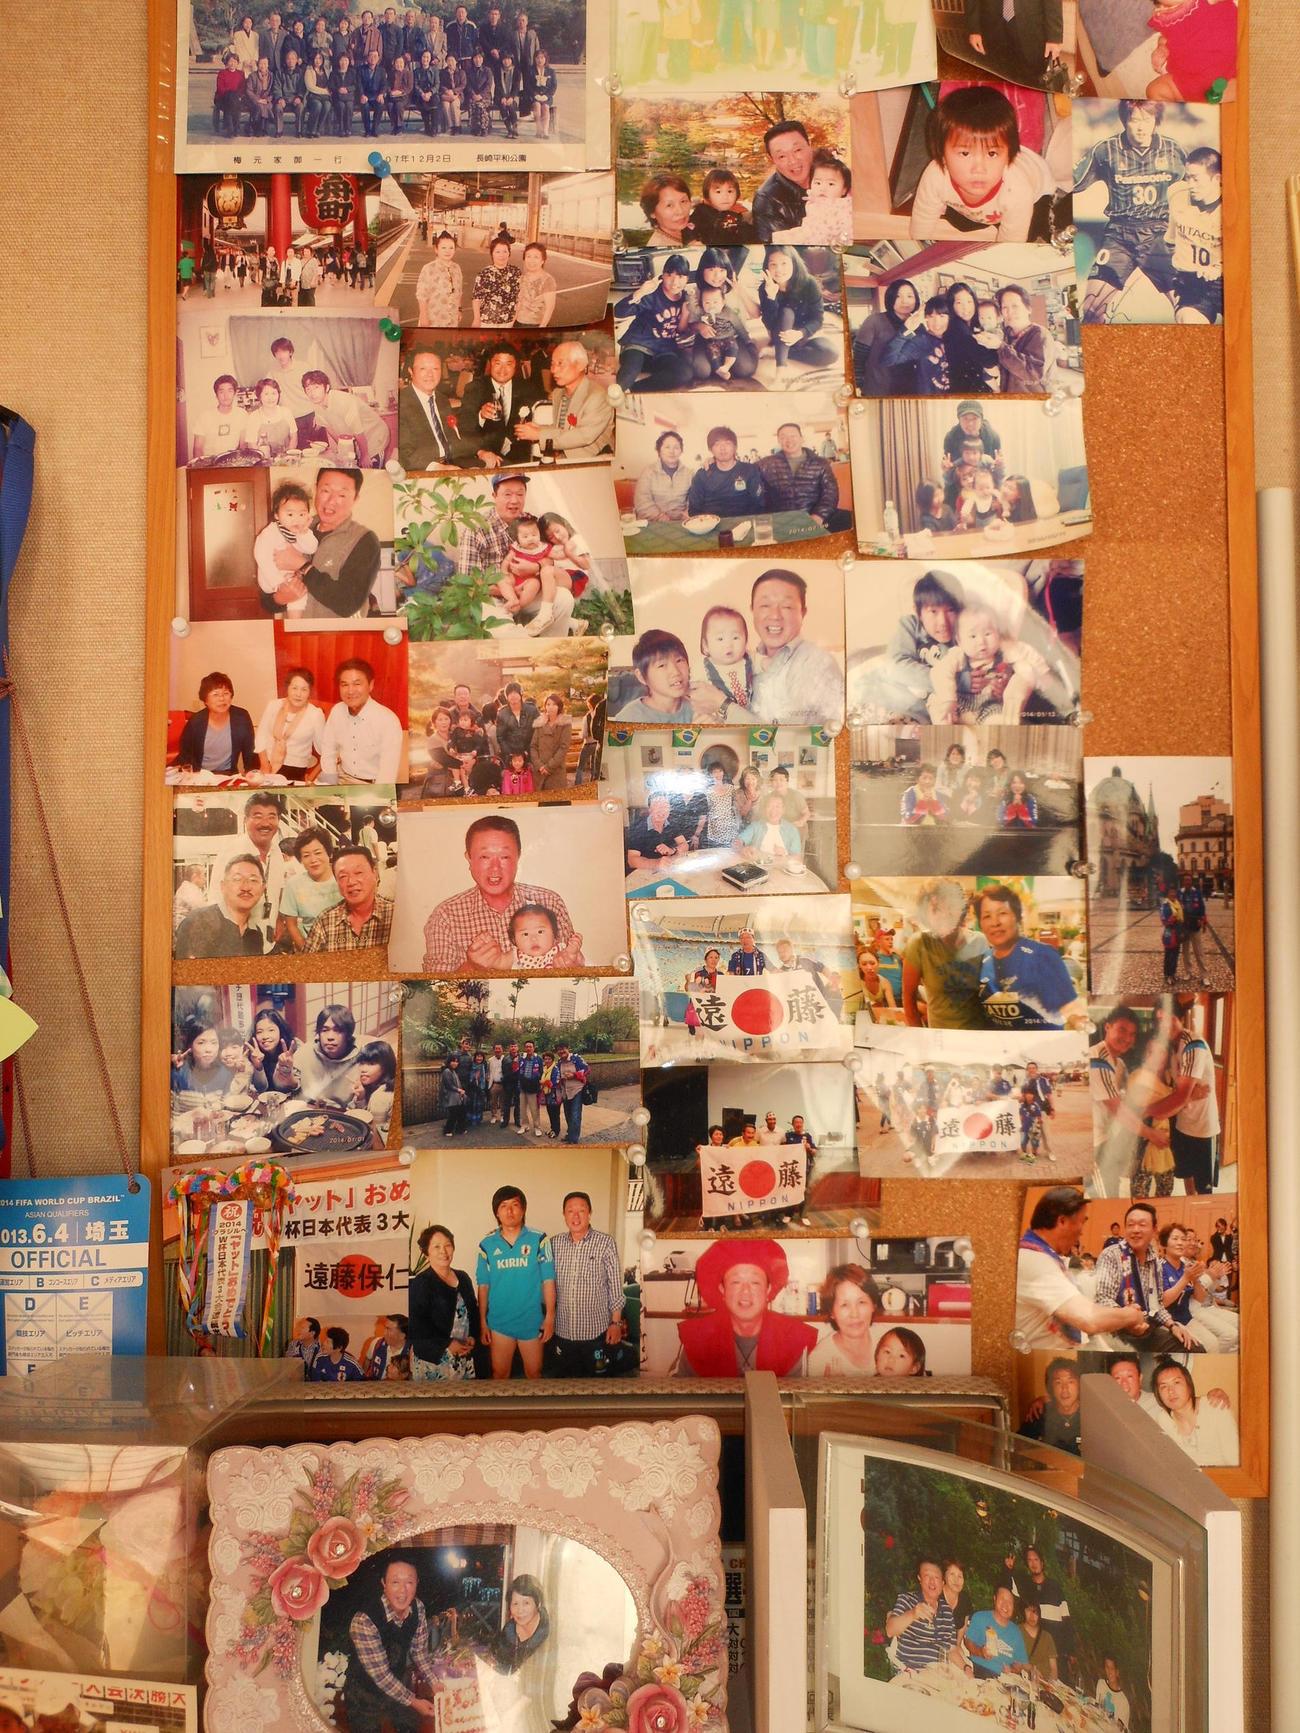 遠藤の鹿児島市の実家にはこれまでの写真が多数飾られている